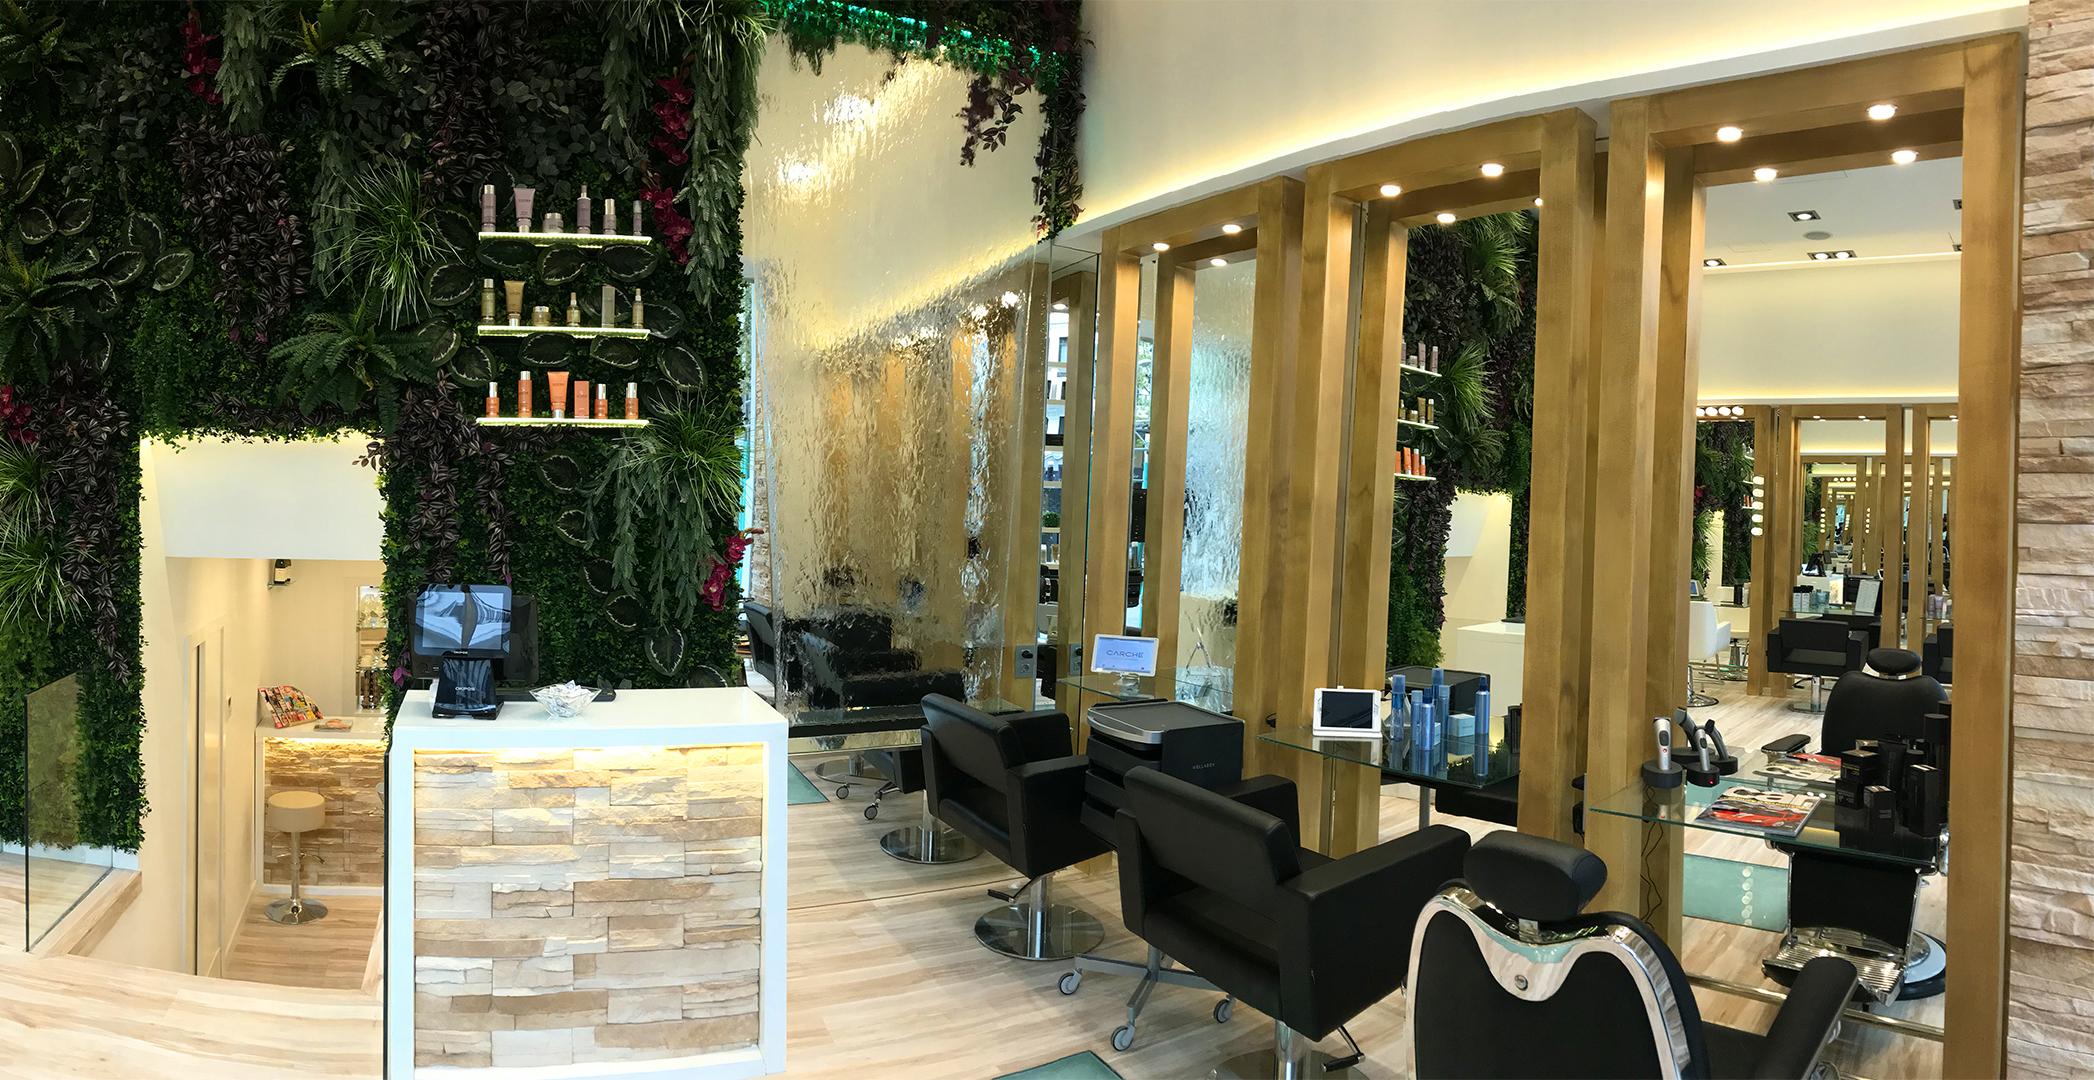 salon-peluqueria-carche8